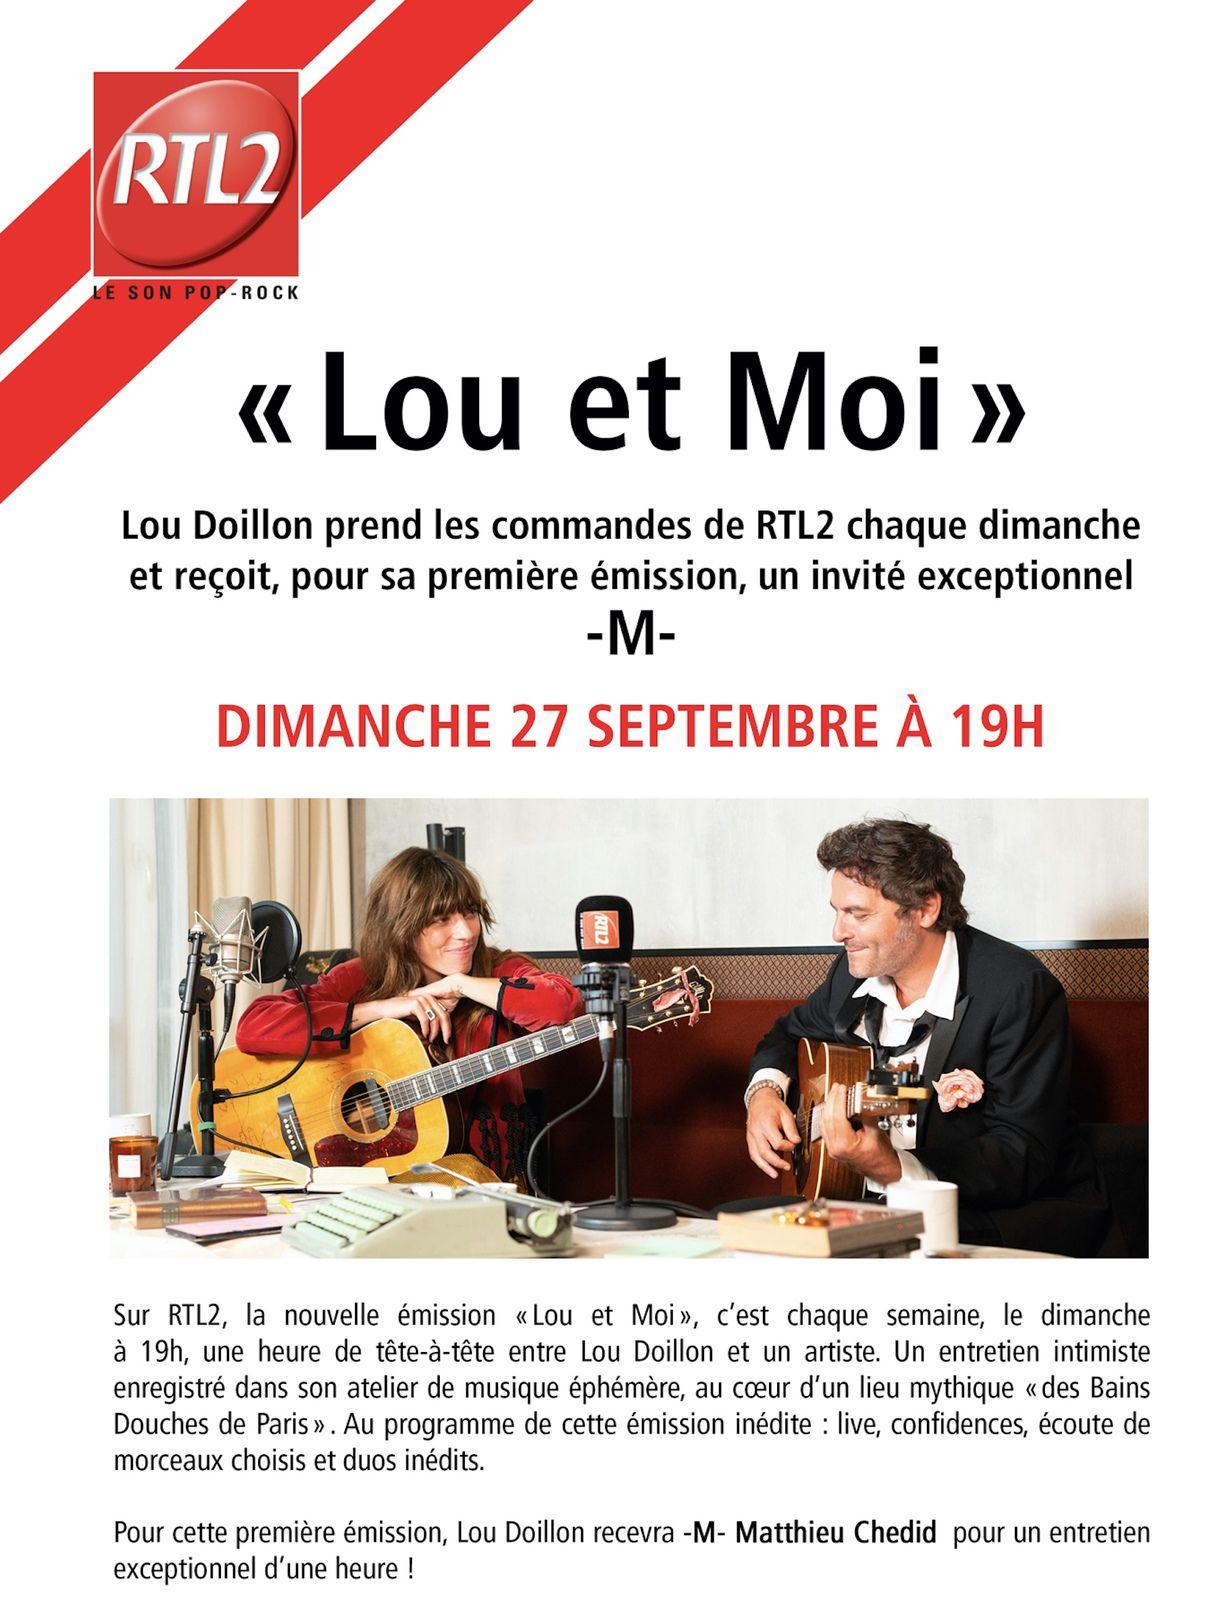 Lou et moi, nouveau rendez-vous sur RTL 2, avec Lou Doillon.